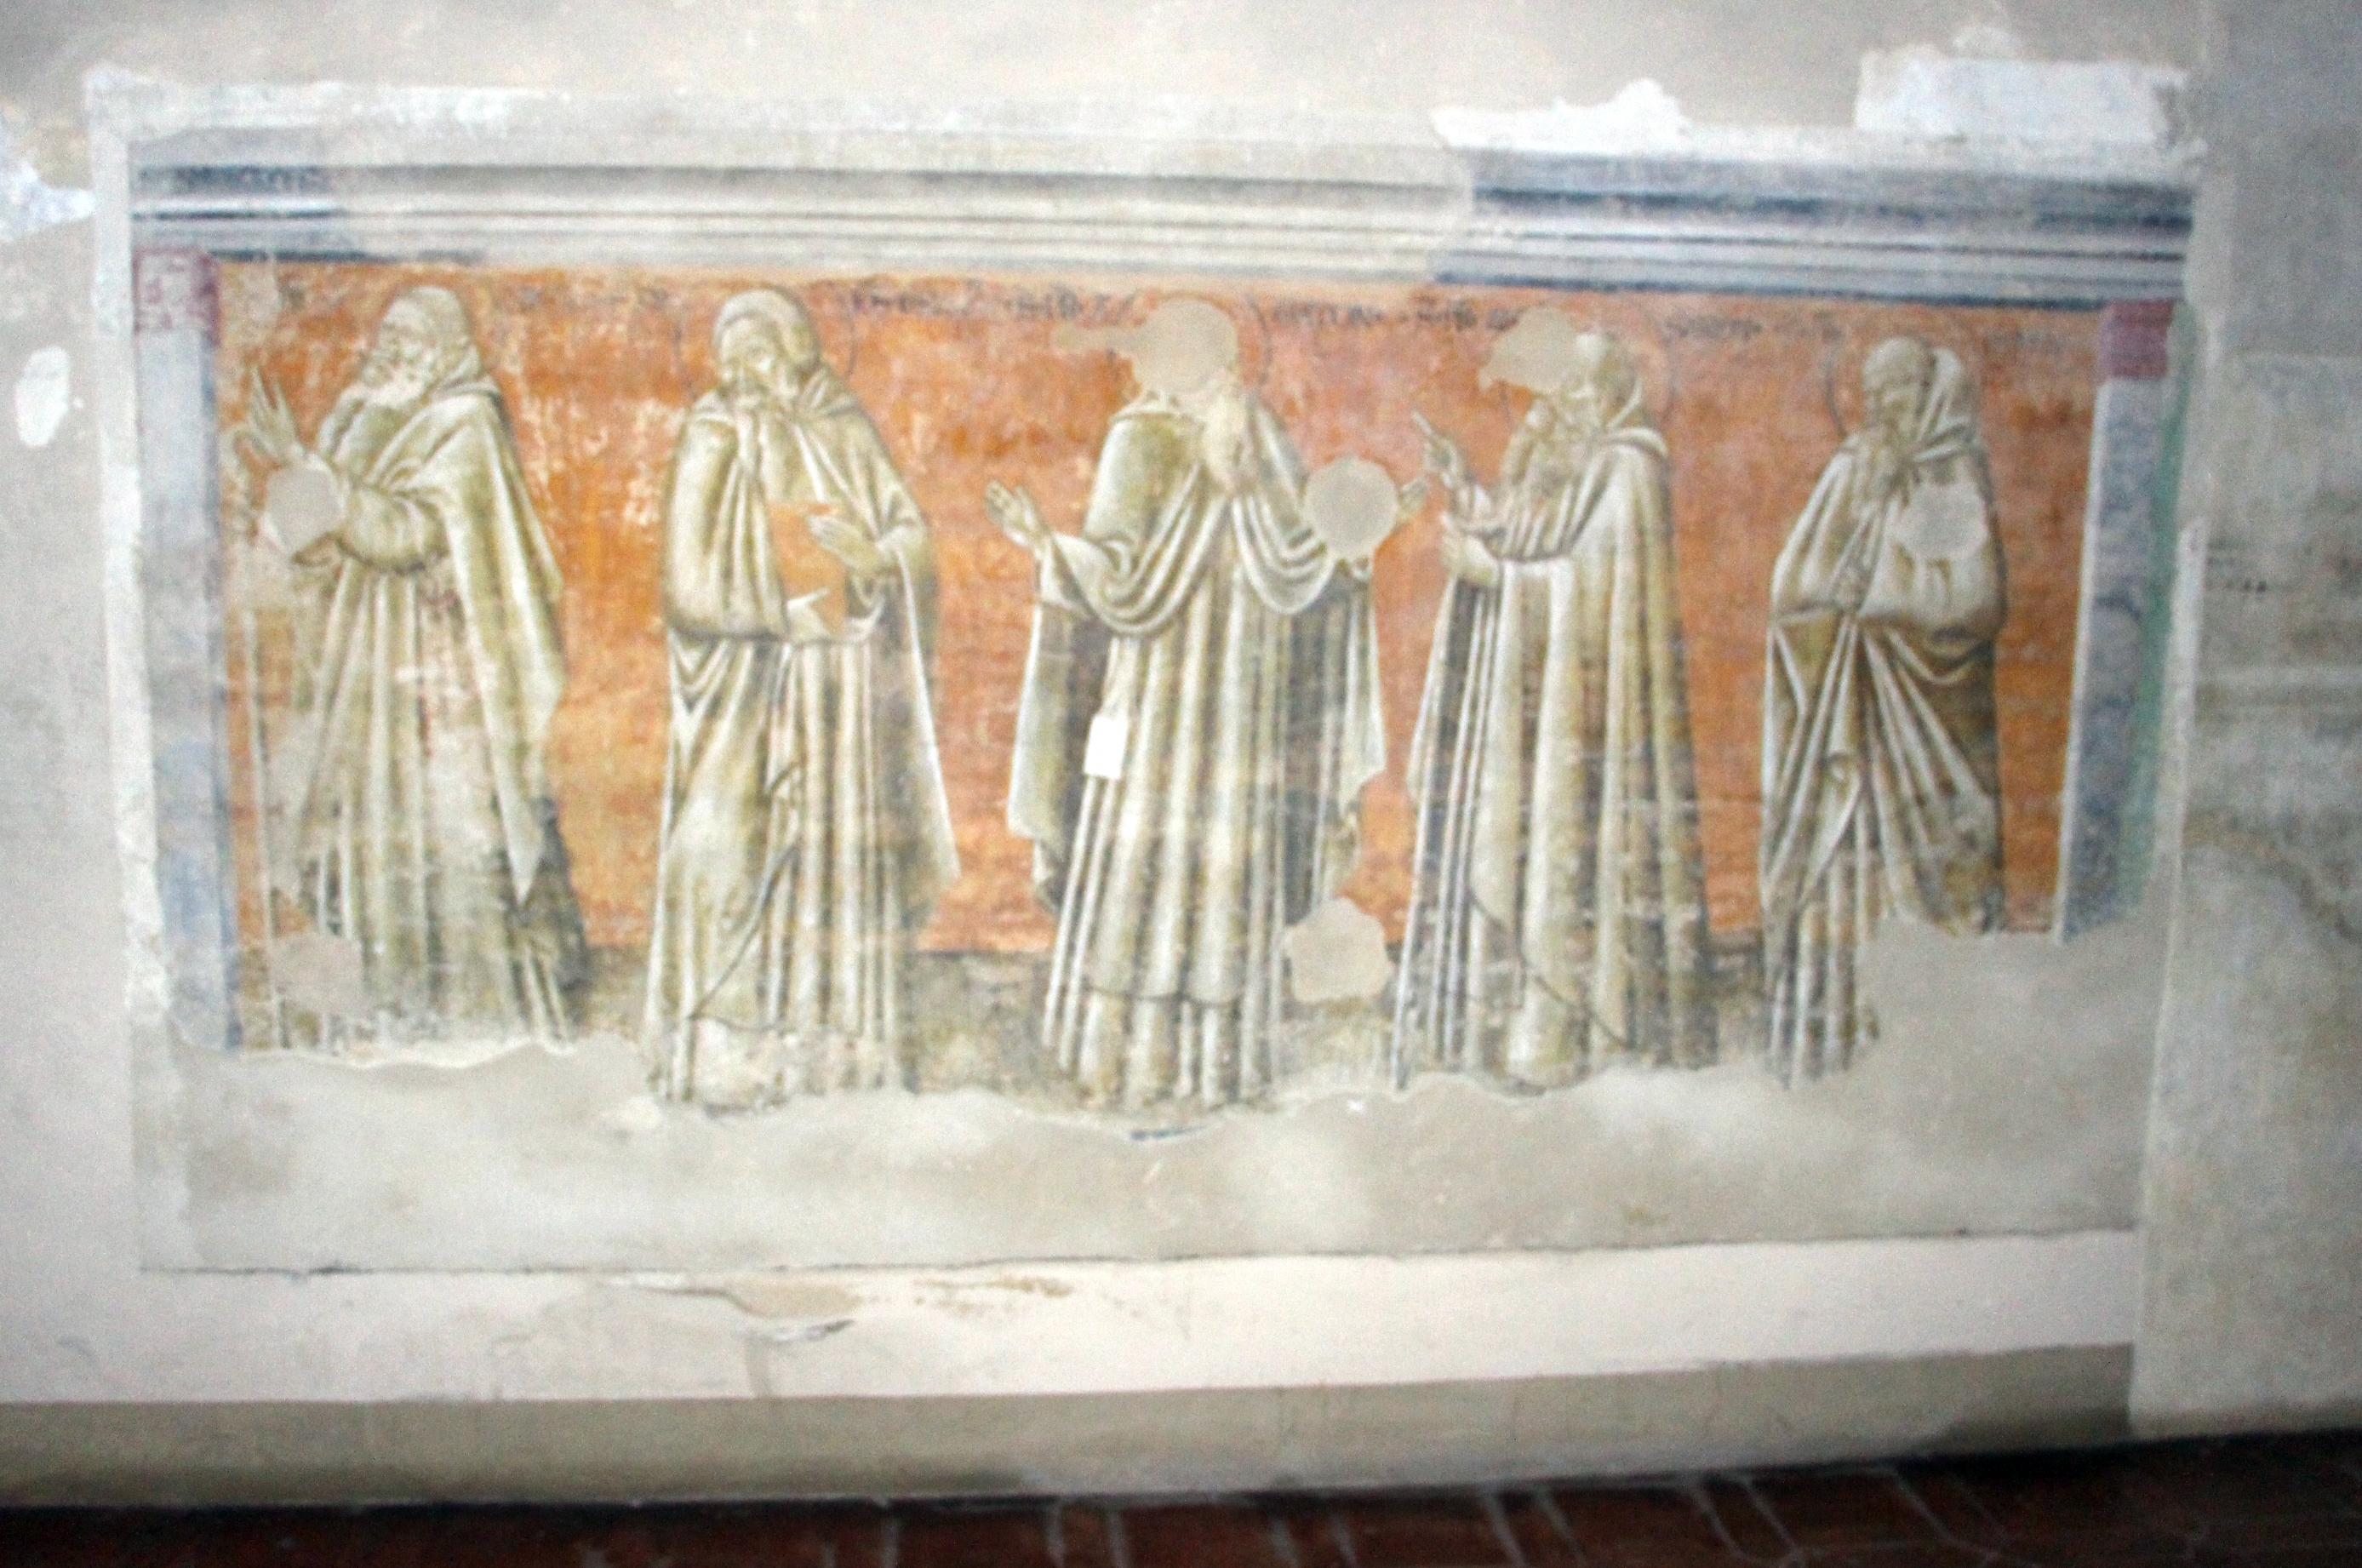 Monte oliveto maggiore, passaggio tra chiostro e chiesa, ignoto senese, miracolo di san benedetto, 1440 (attr. giovanni di paolo).JPG